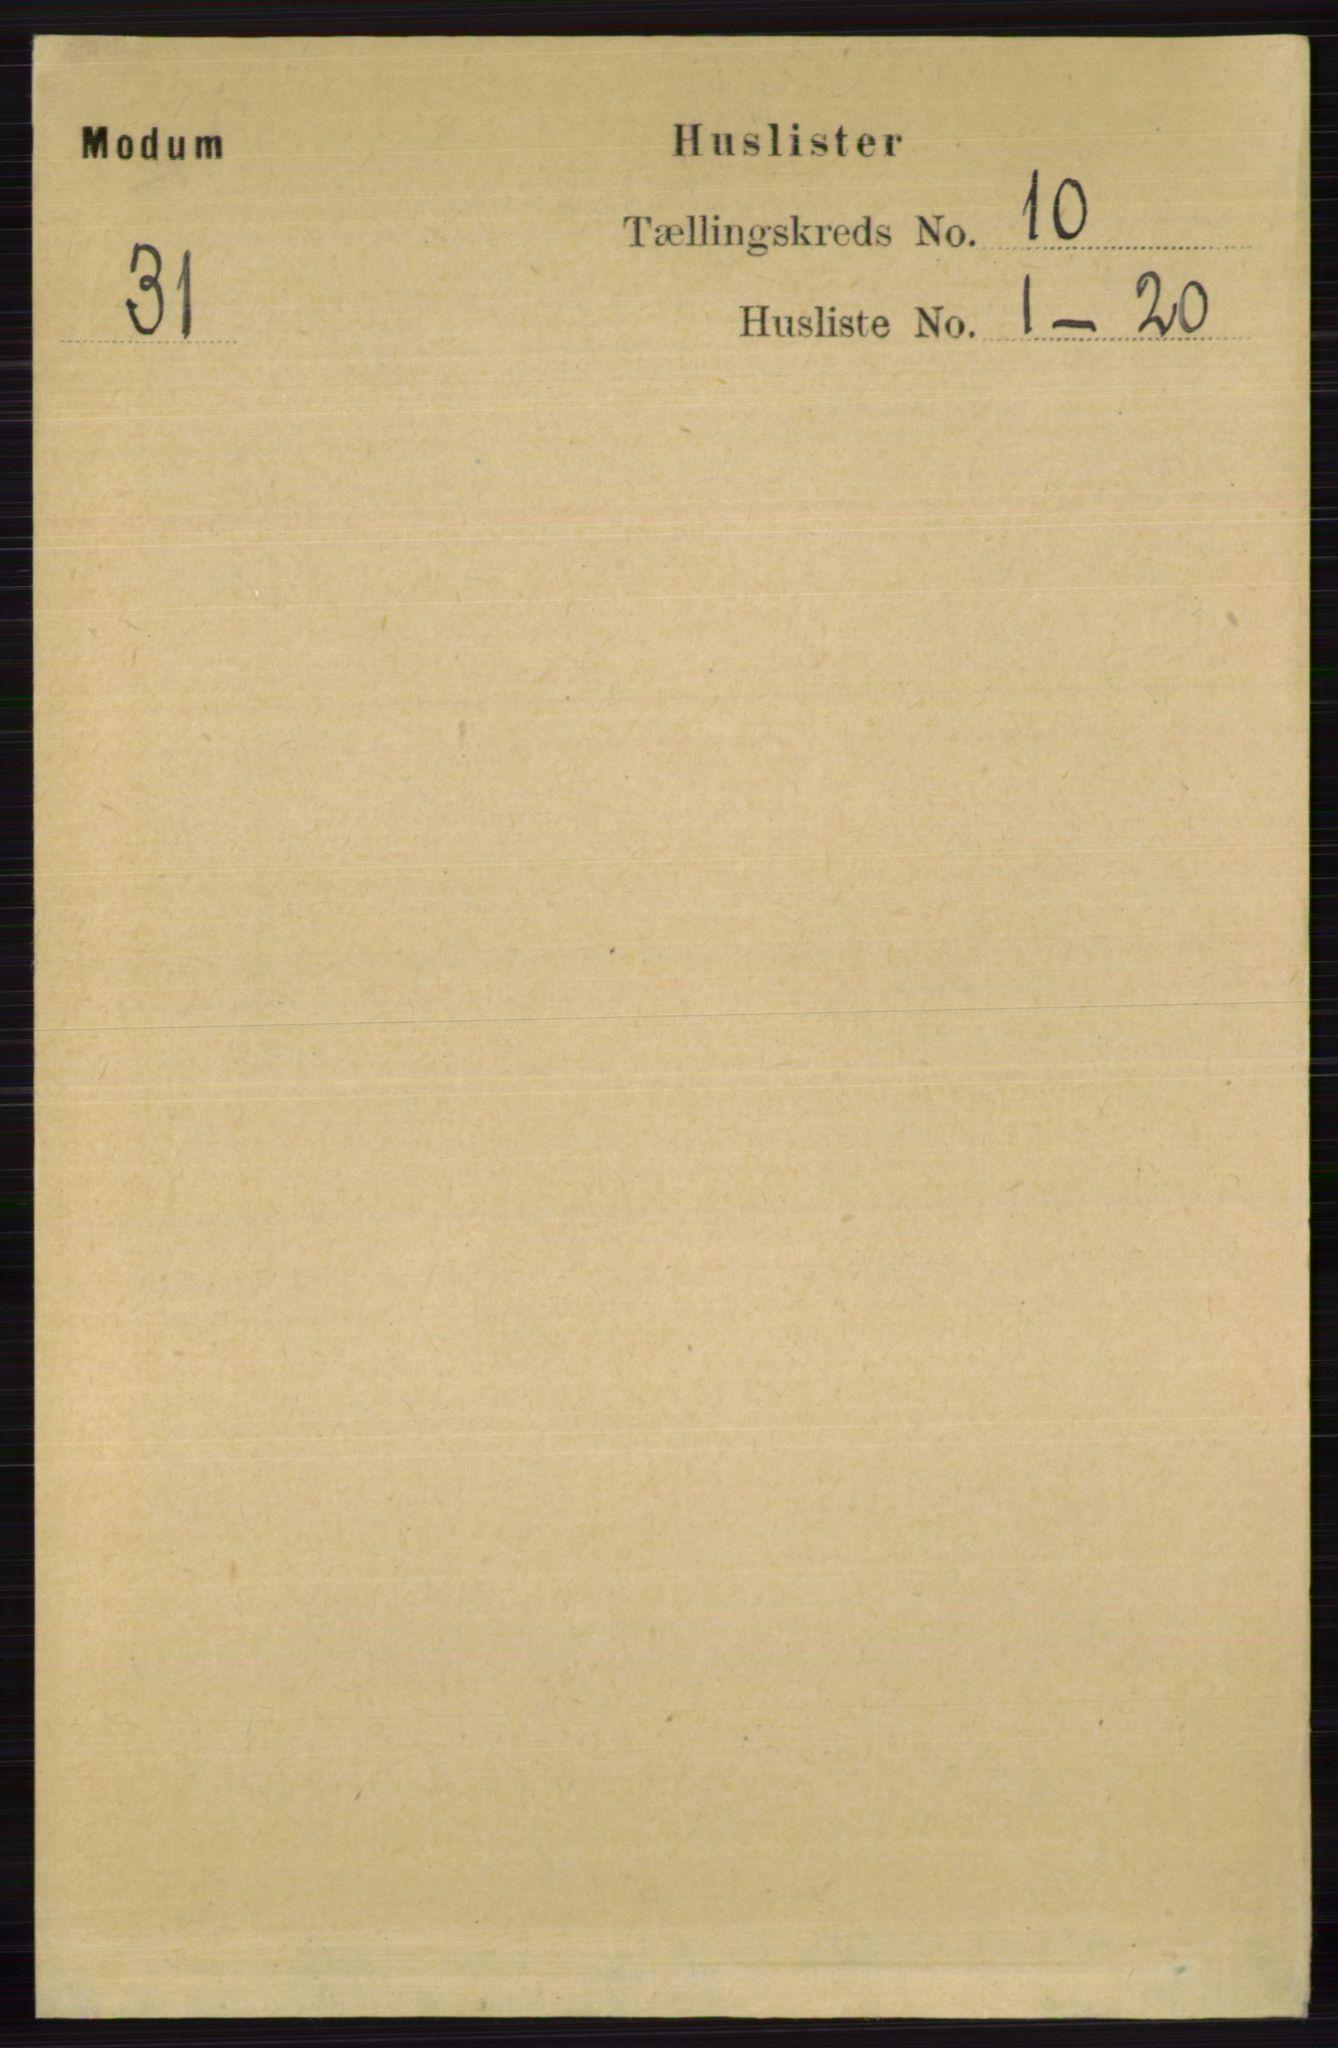 RA, Folketelling 1891 for 0623 Modum herred, 1891, s. 3948